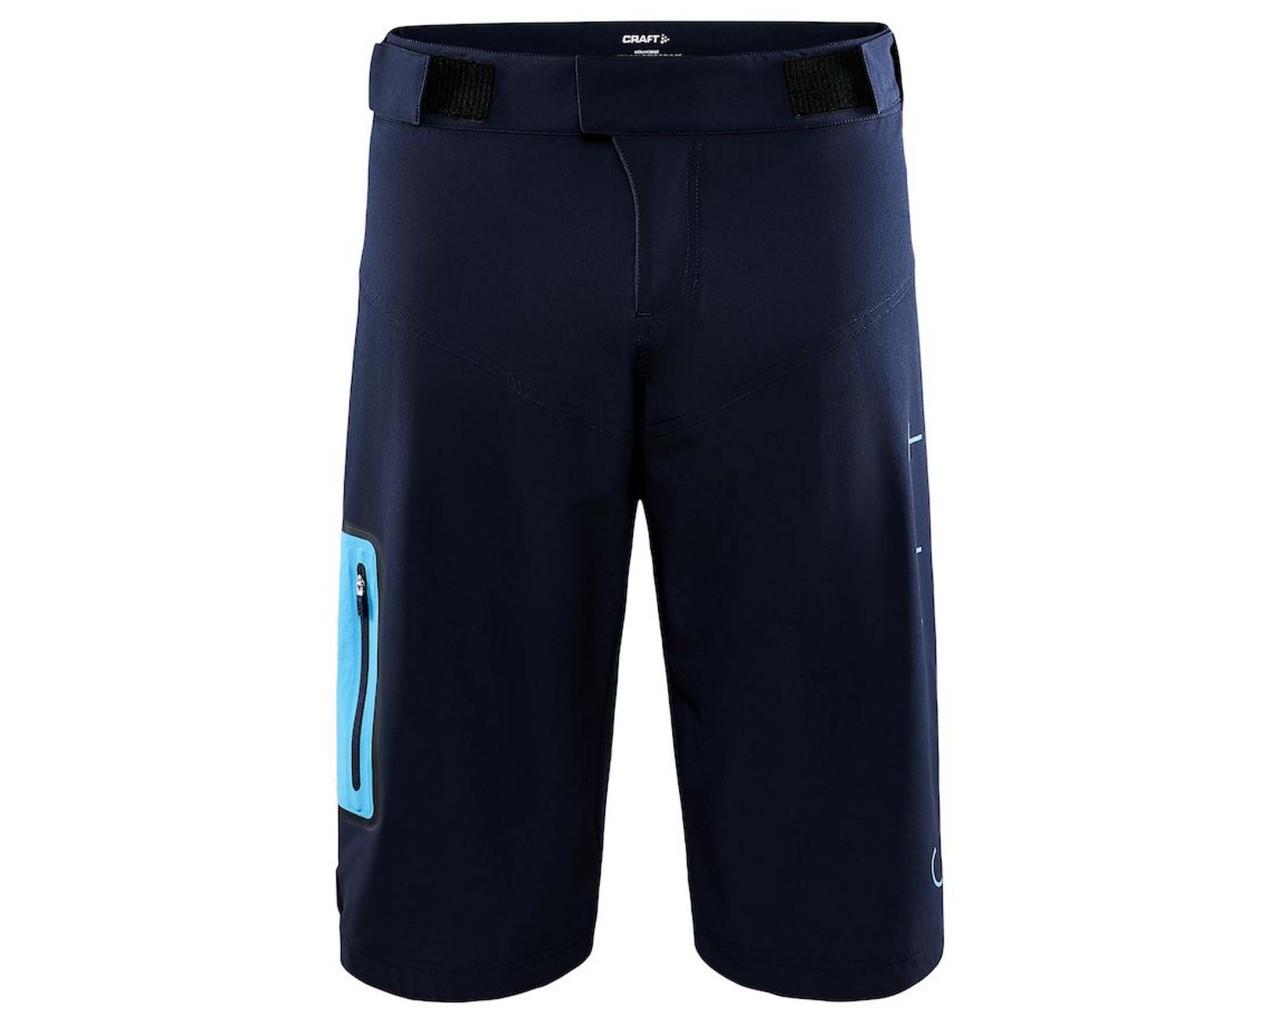 Craft Adv Offroad XT Shorts mit Pad | blaze-gem